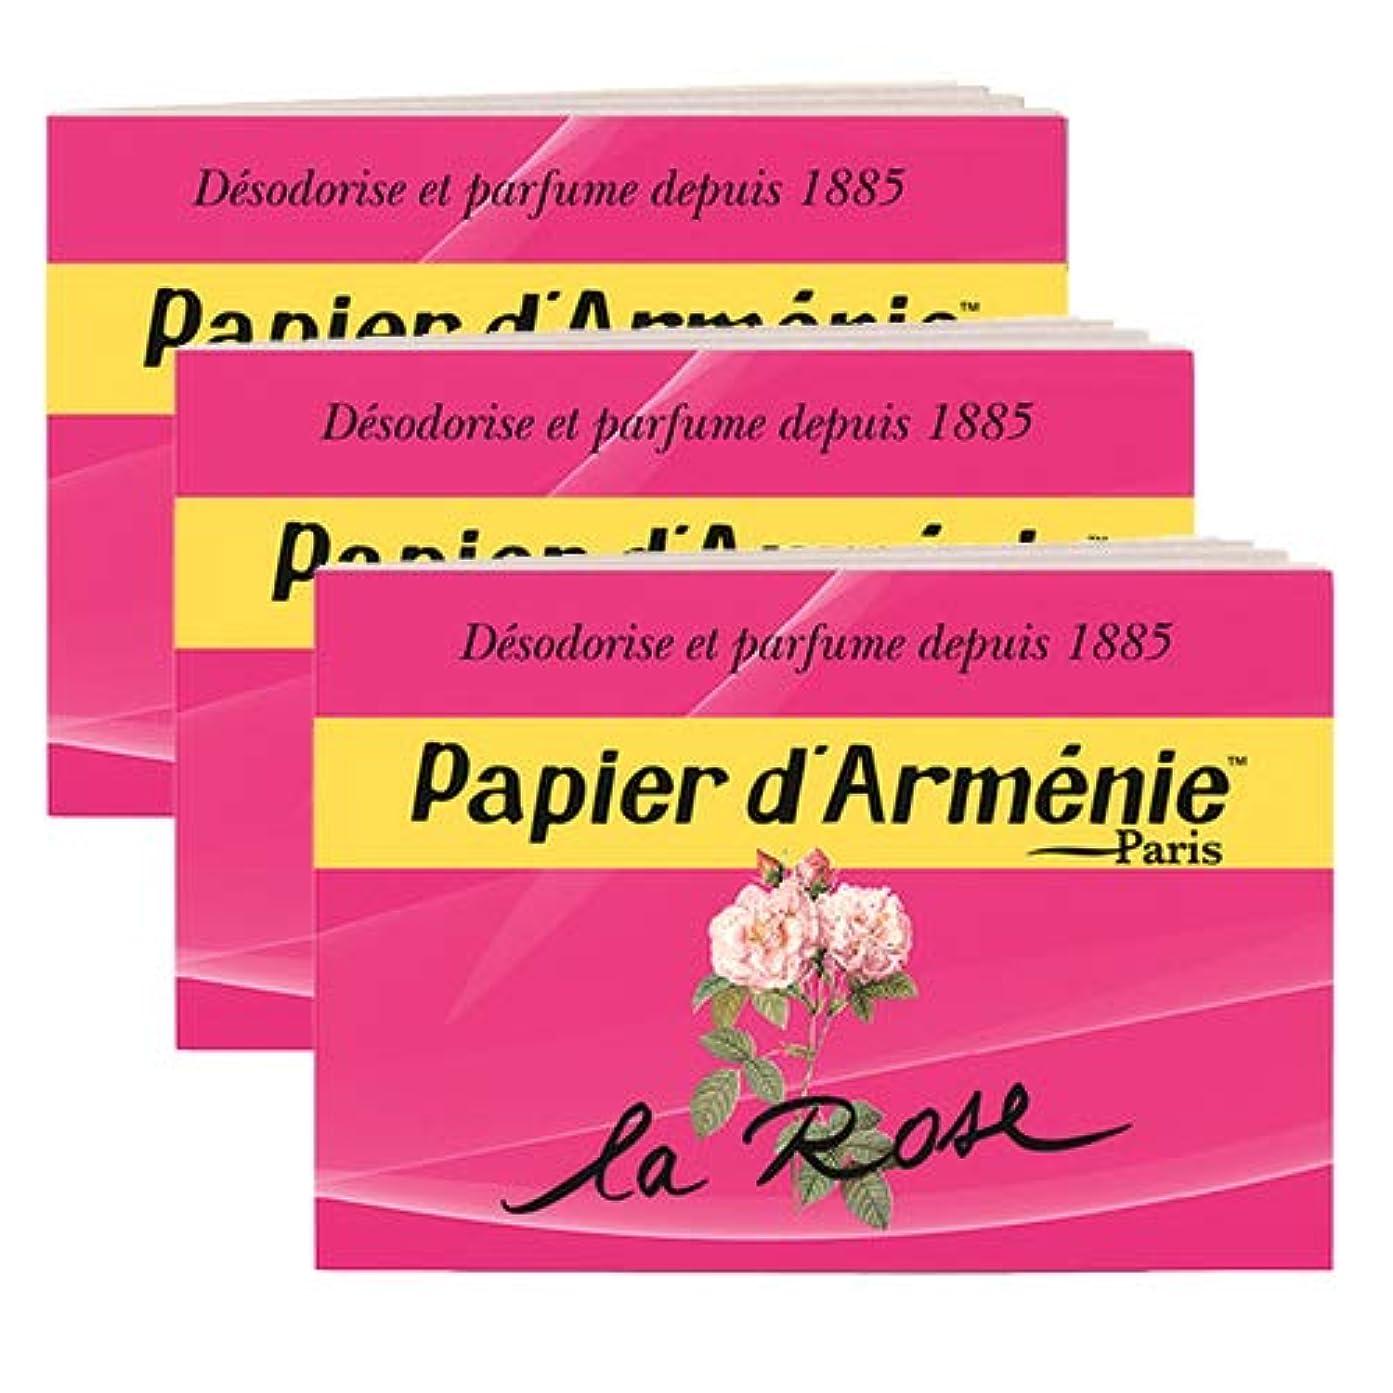 ブラケットスポンジ口頭【パピエダルメニイ】トリプル 3×12枚(36回分) 3個セット ローズ 紙のお香 インセンス アロマペーパー PAPIER D'ARMENIE [並行輸入品]